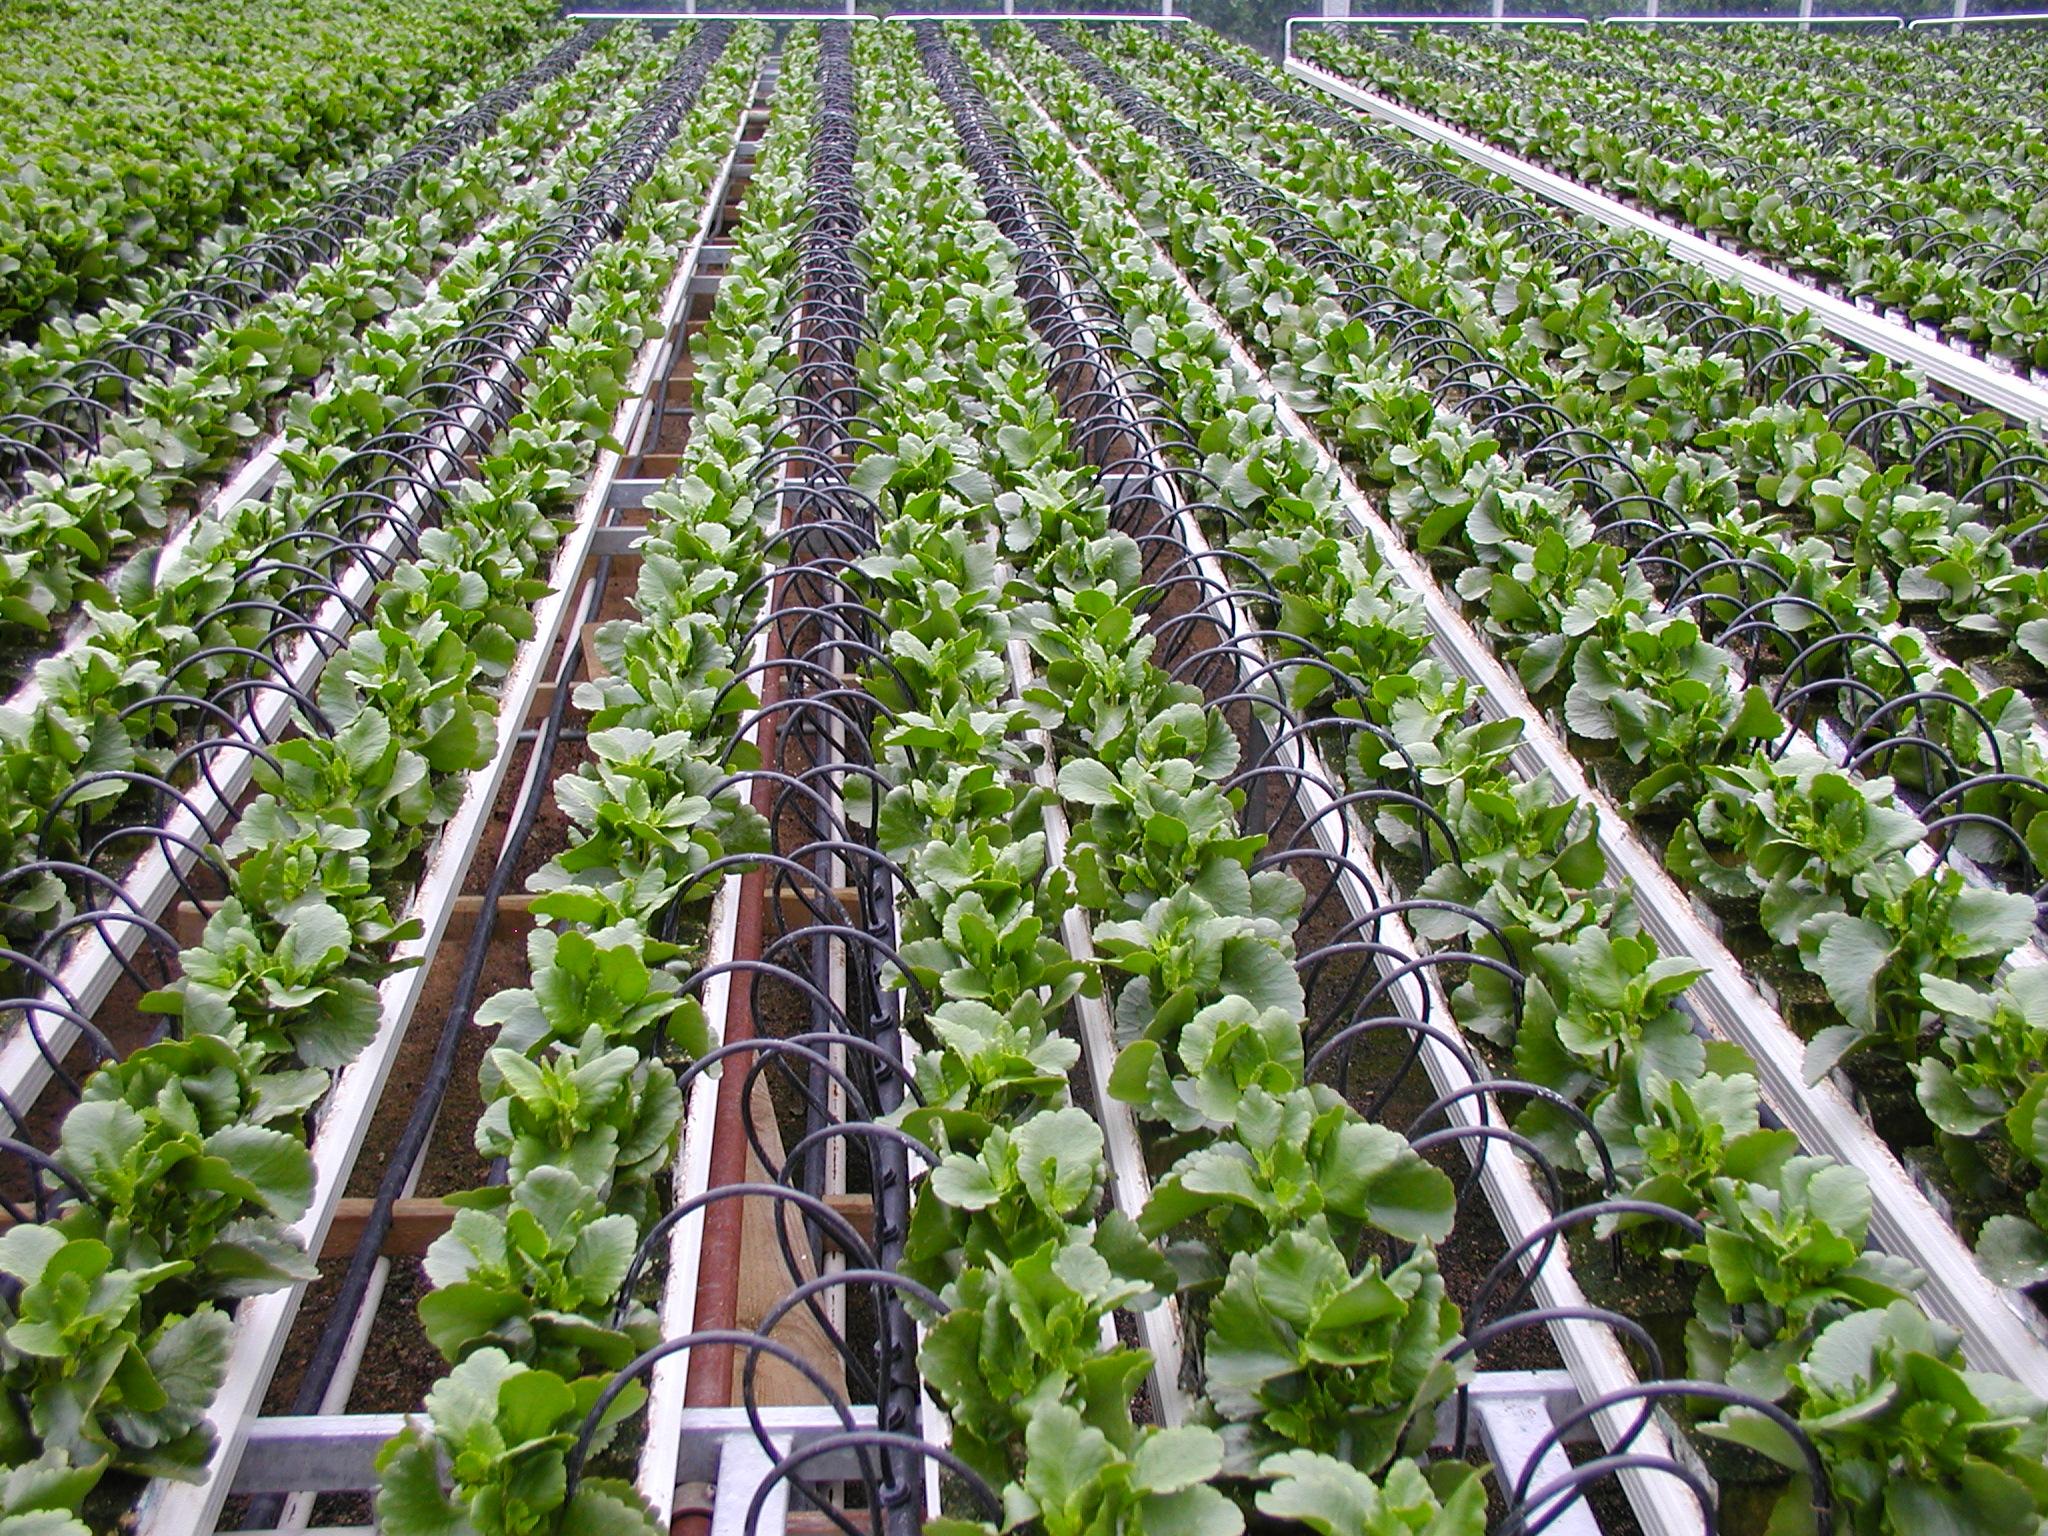 África incorpora el modelo agrario israelí del kibutz